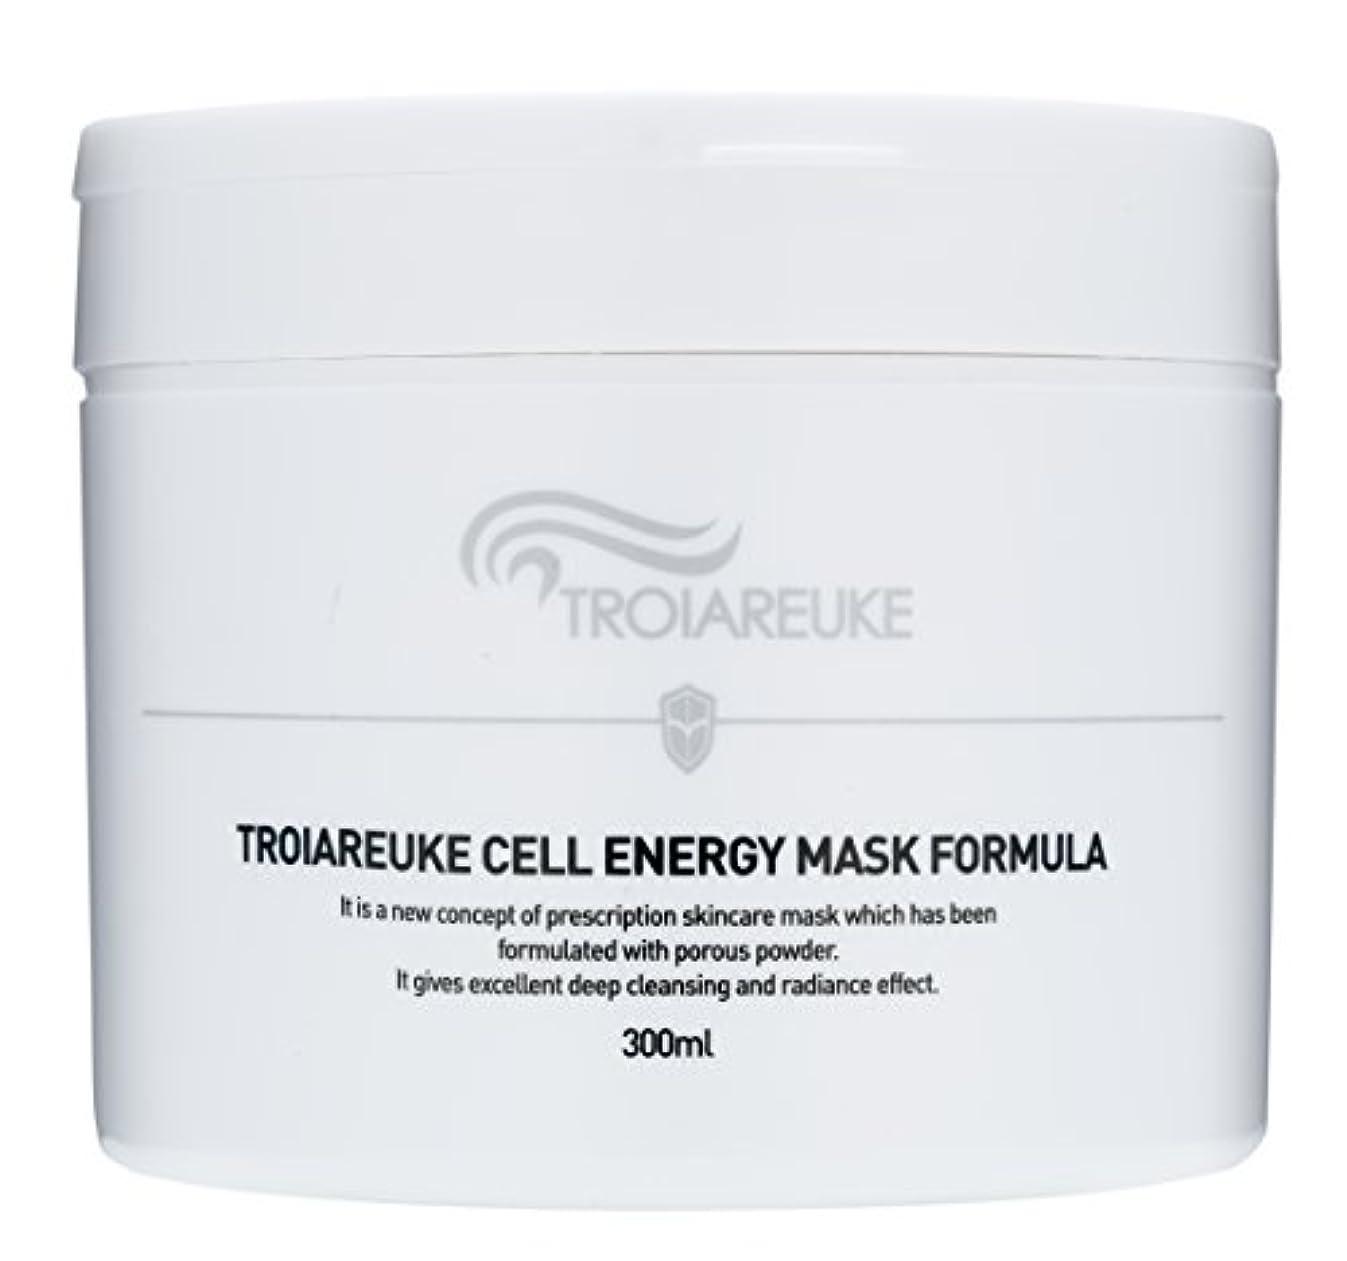 望遠鏡人種スクラッチTroiareuke(トロイアルケ) セルエネルギー マスク フォーミュラー/Cell Energy Mask Fomula (300ml) [並行輸入品]